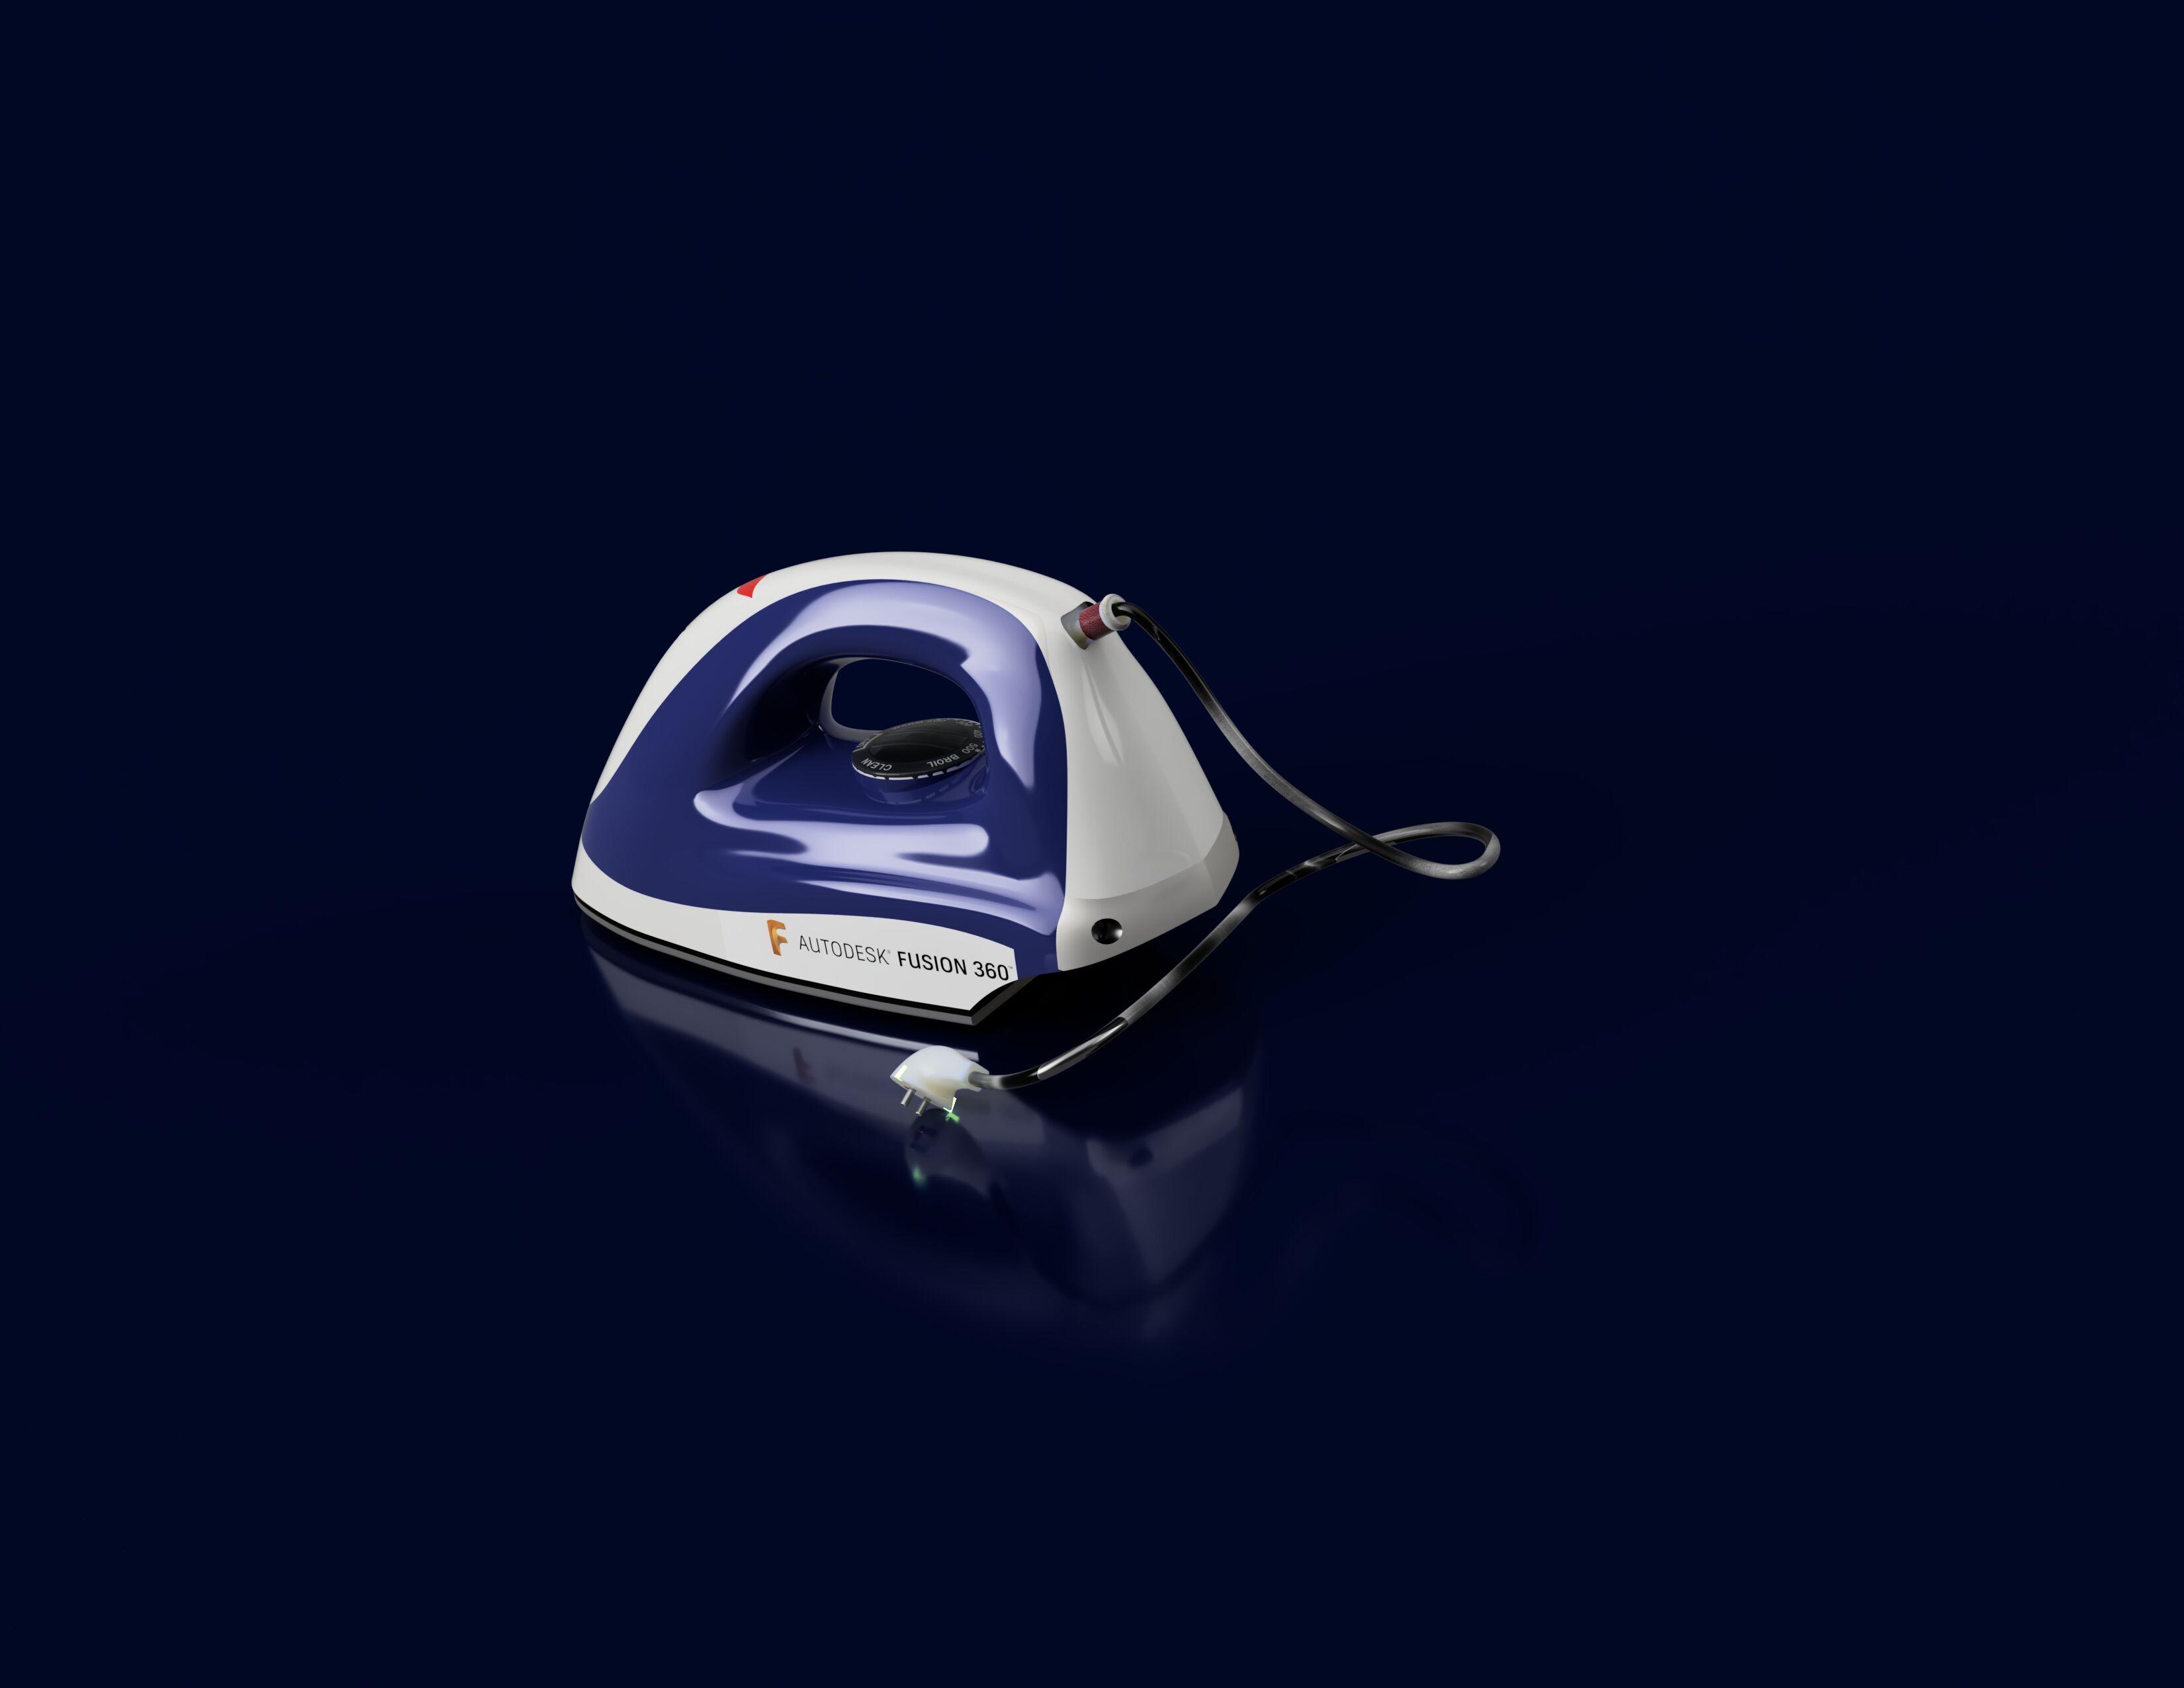 Iron-2020-jun-21-05-59-25am-000-customizedview33279937173-png-3500-3500